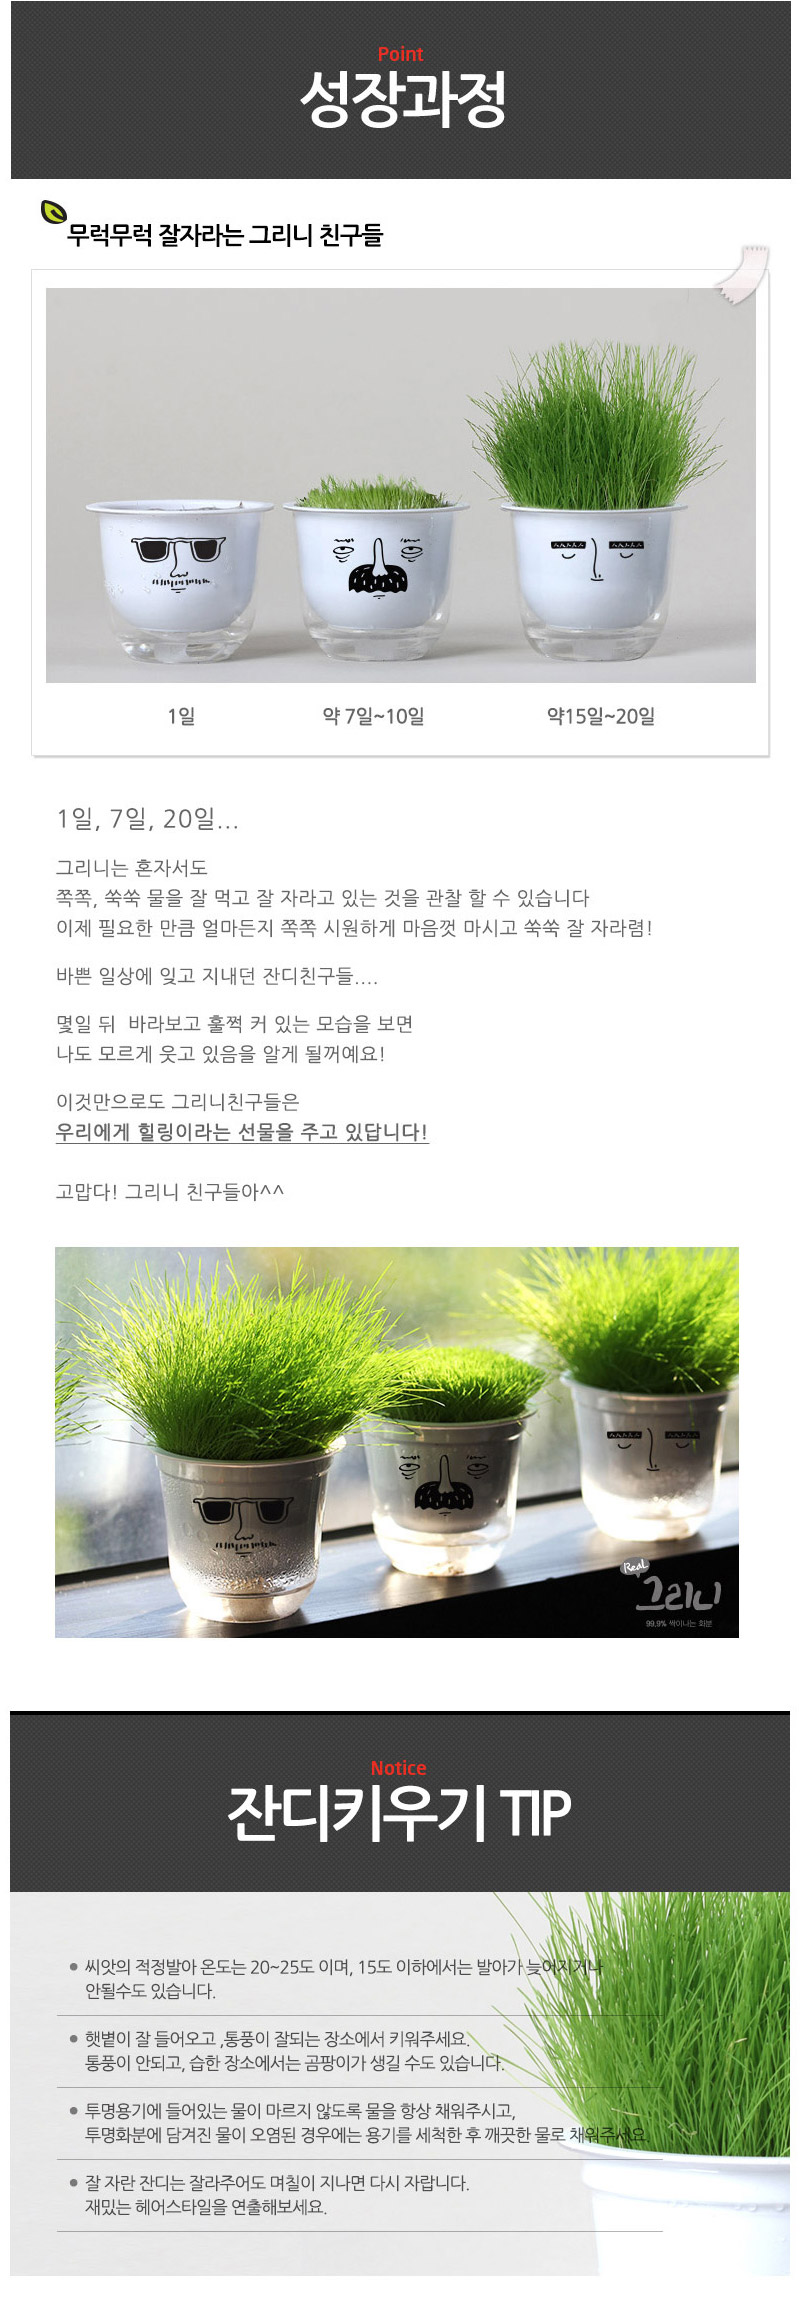 greenie_05.jpg